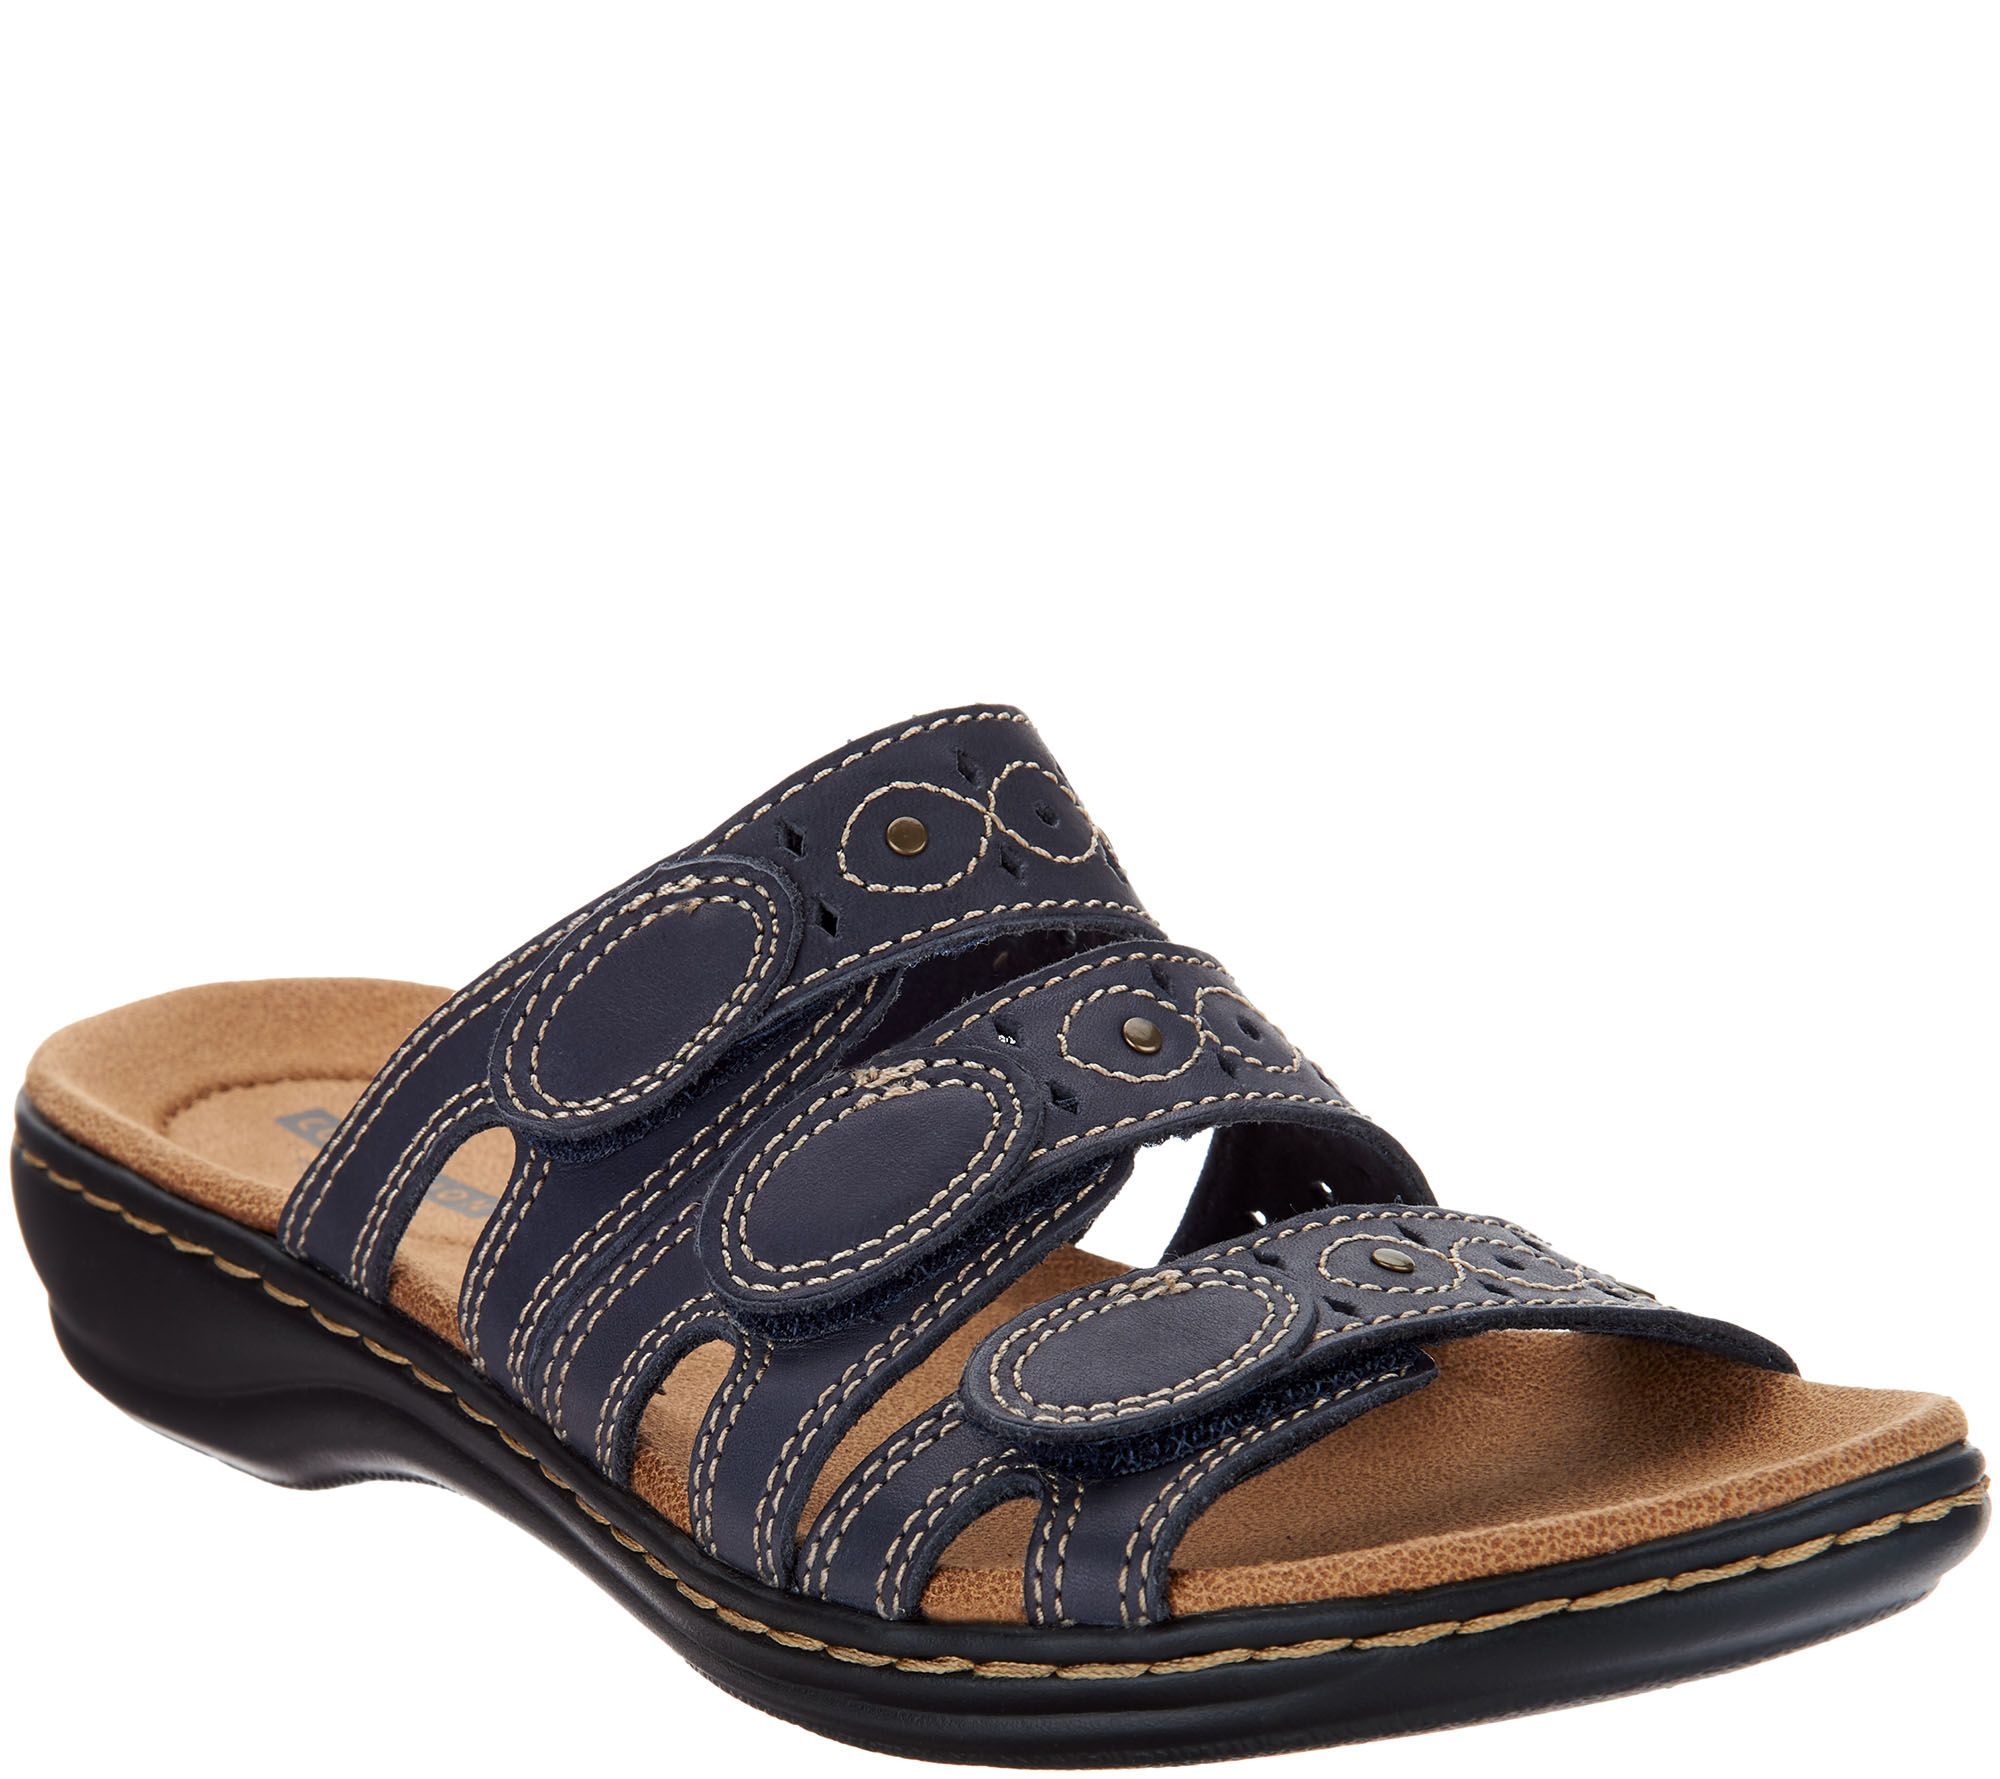 Clarks Leisa Lakia SAGE LEATHER Women's Sandal SIZE 8.5 NARROW